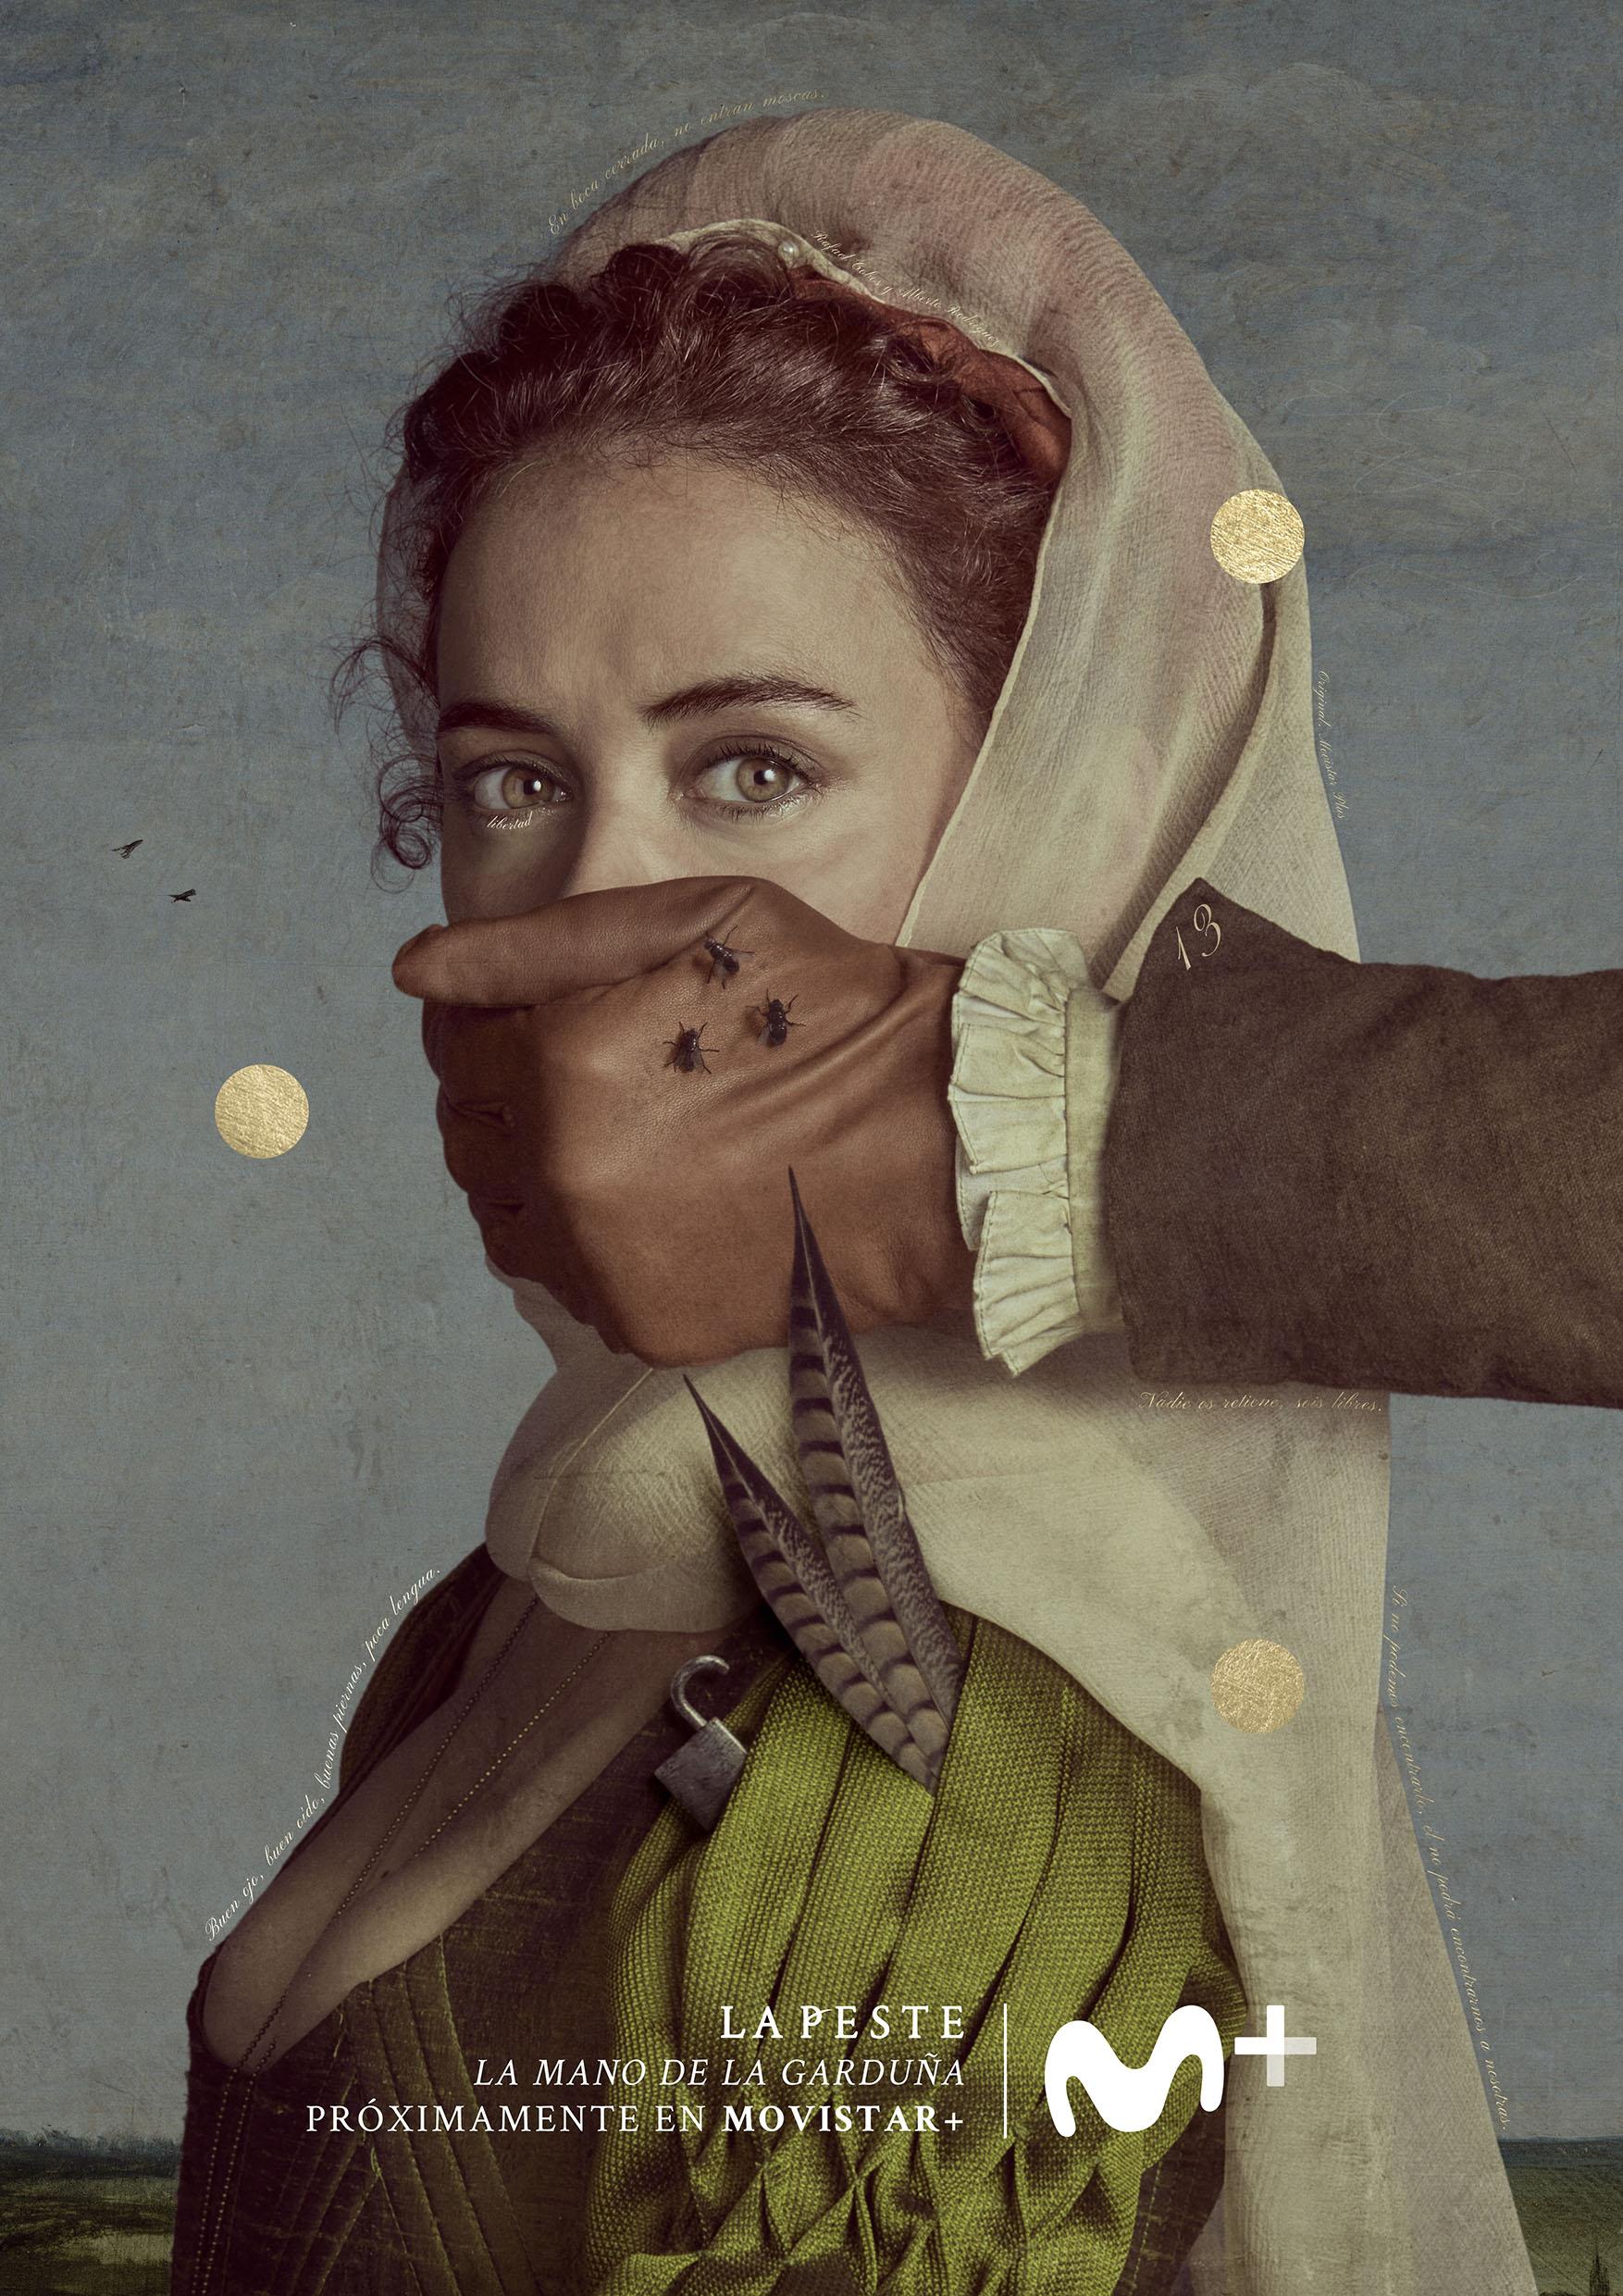 La Peste estrena los carteles de su segunda temporada